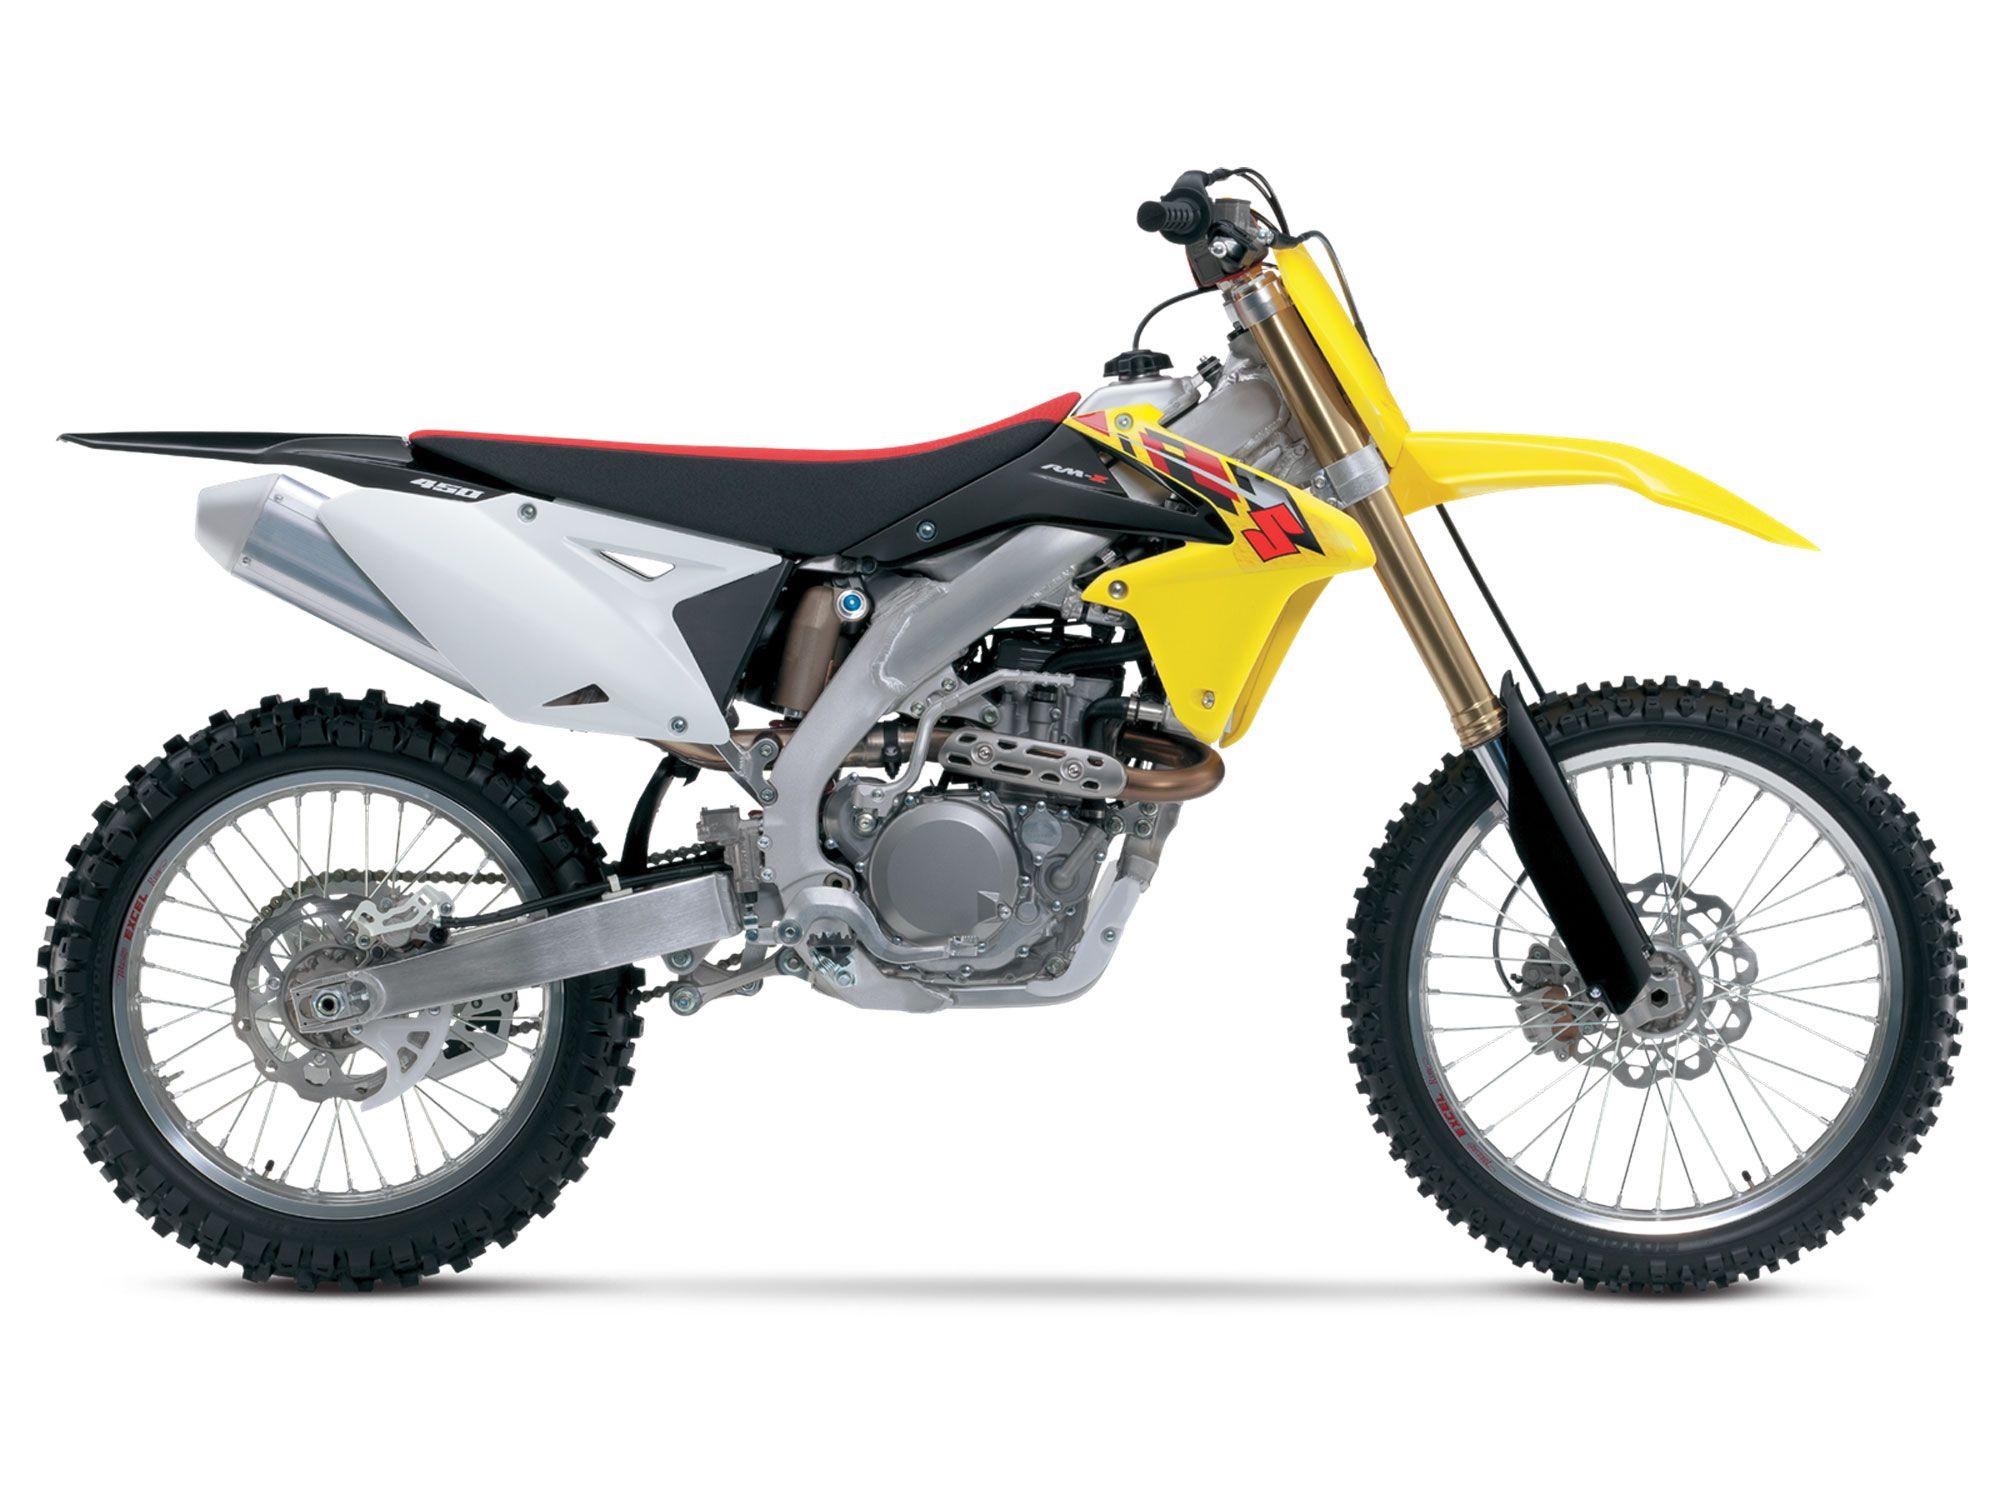 2013 Suzuki Rmz450 Motorcycles For Sale Suzuki Motorcycle